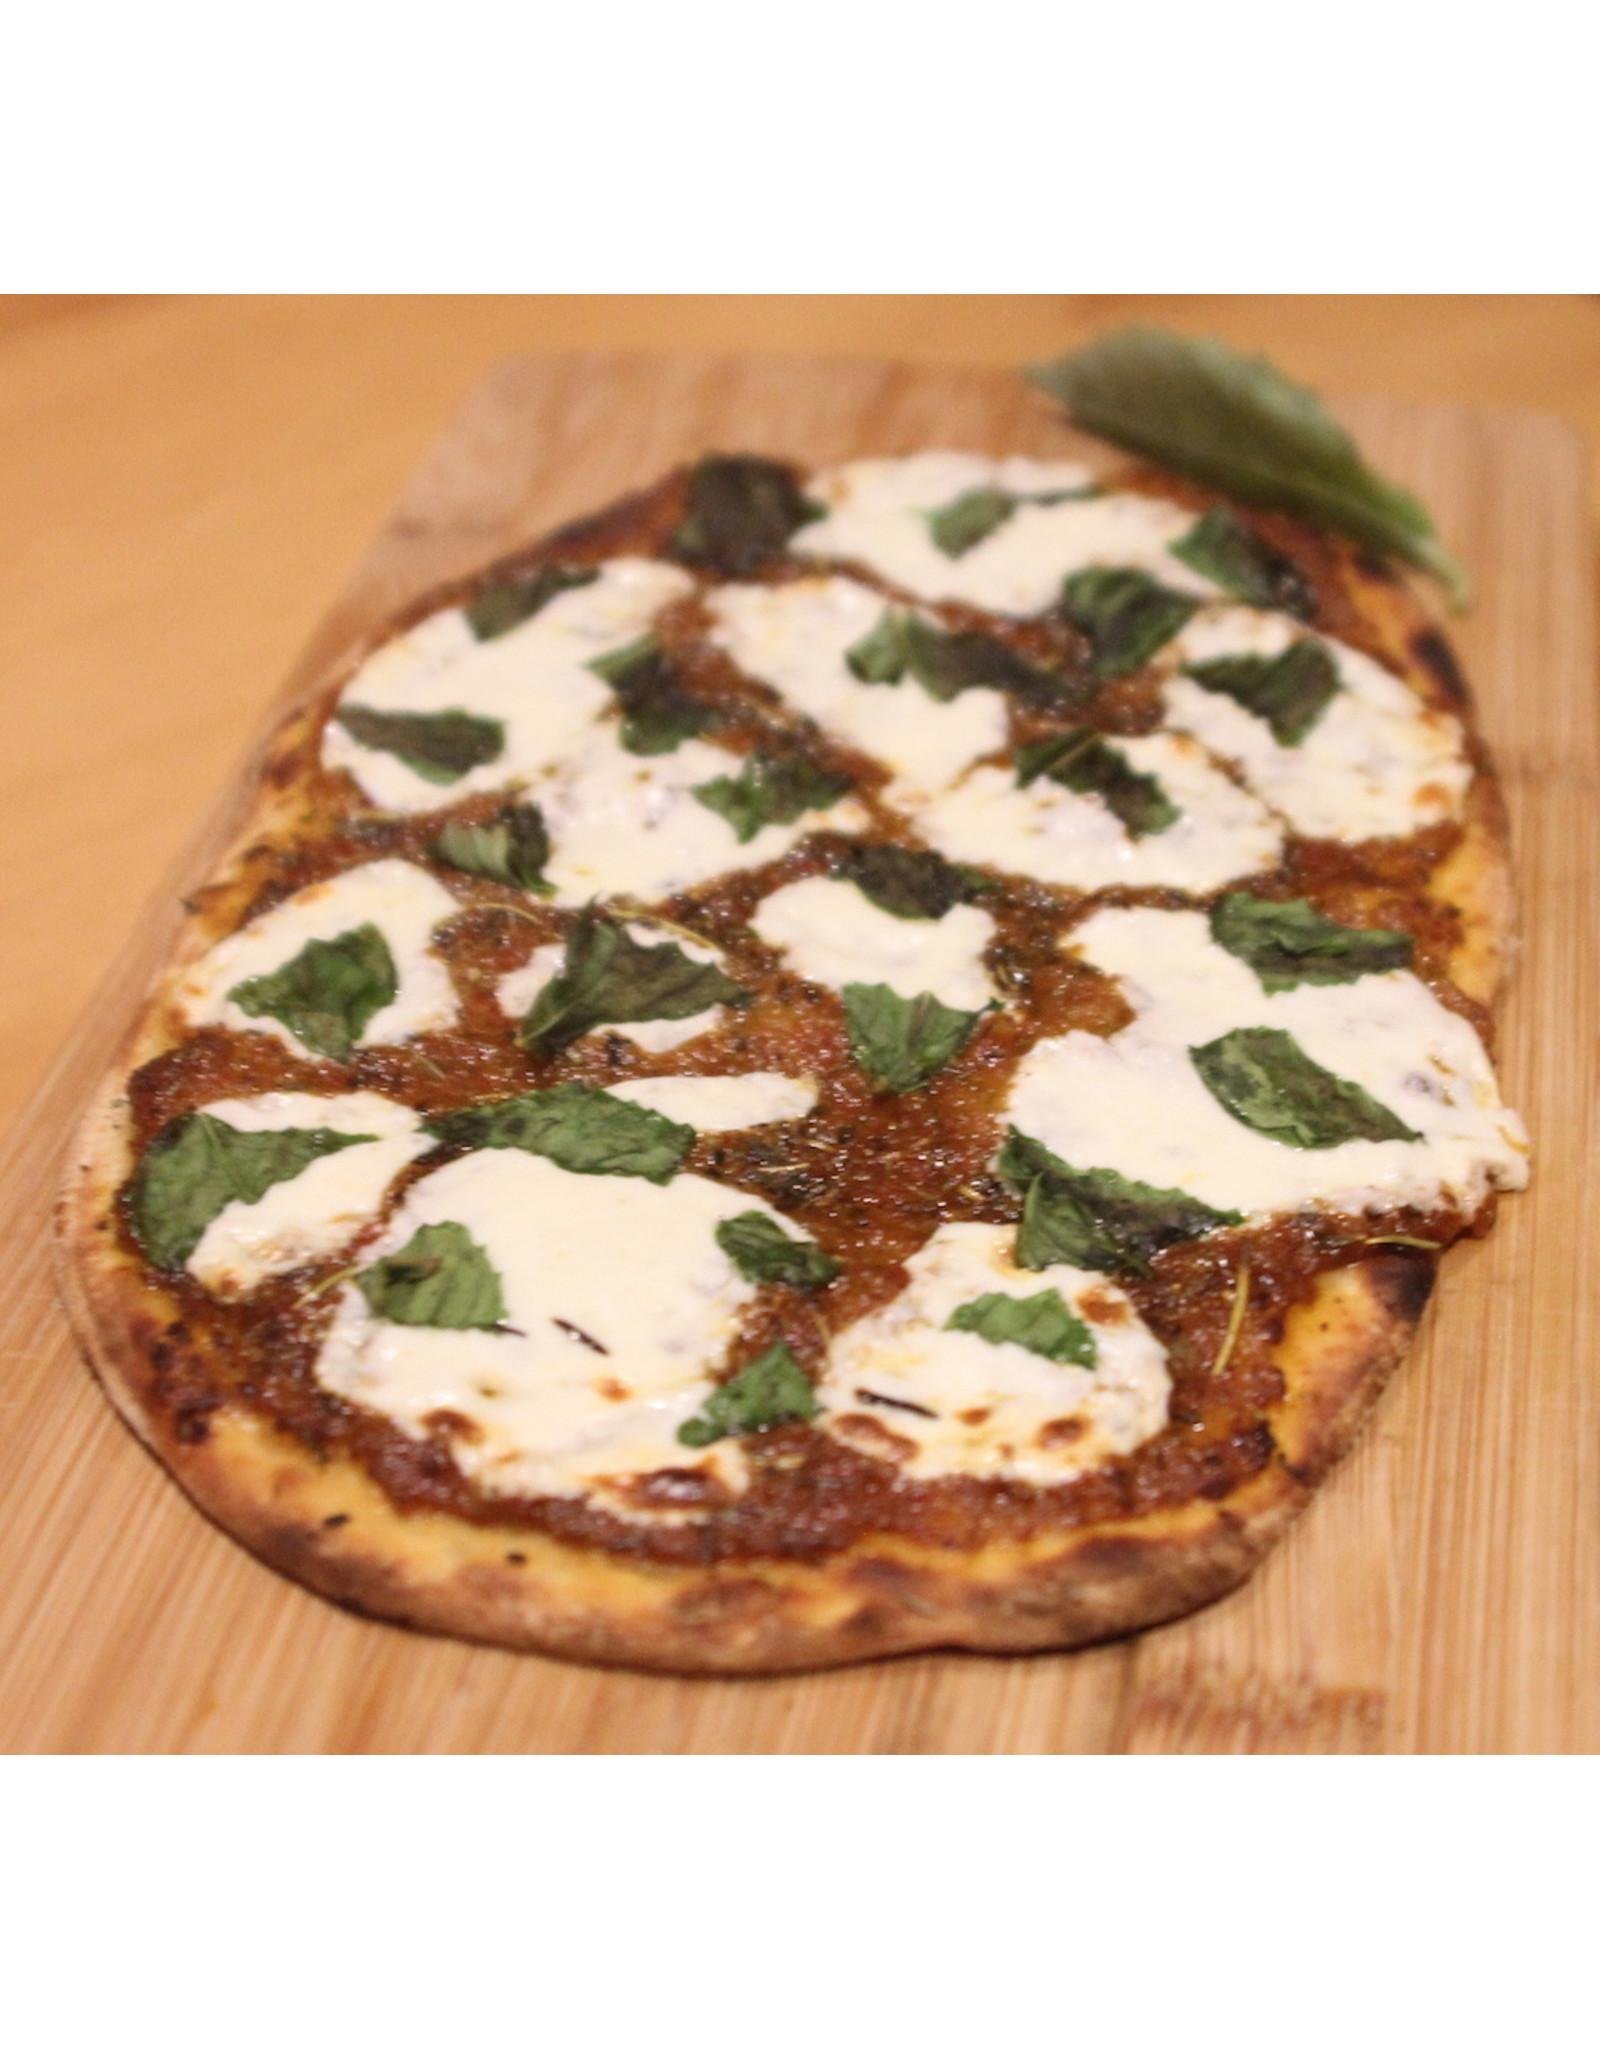 Wine Dining™ TO-GO TO-GO Traditional Neapolitan Bufala (Buffalo) Margherita ~ Artisan Neapolitan Style Gourmet Pizza